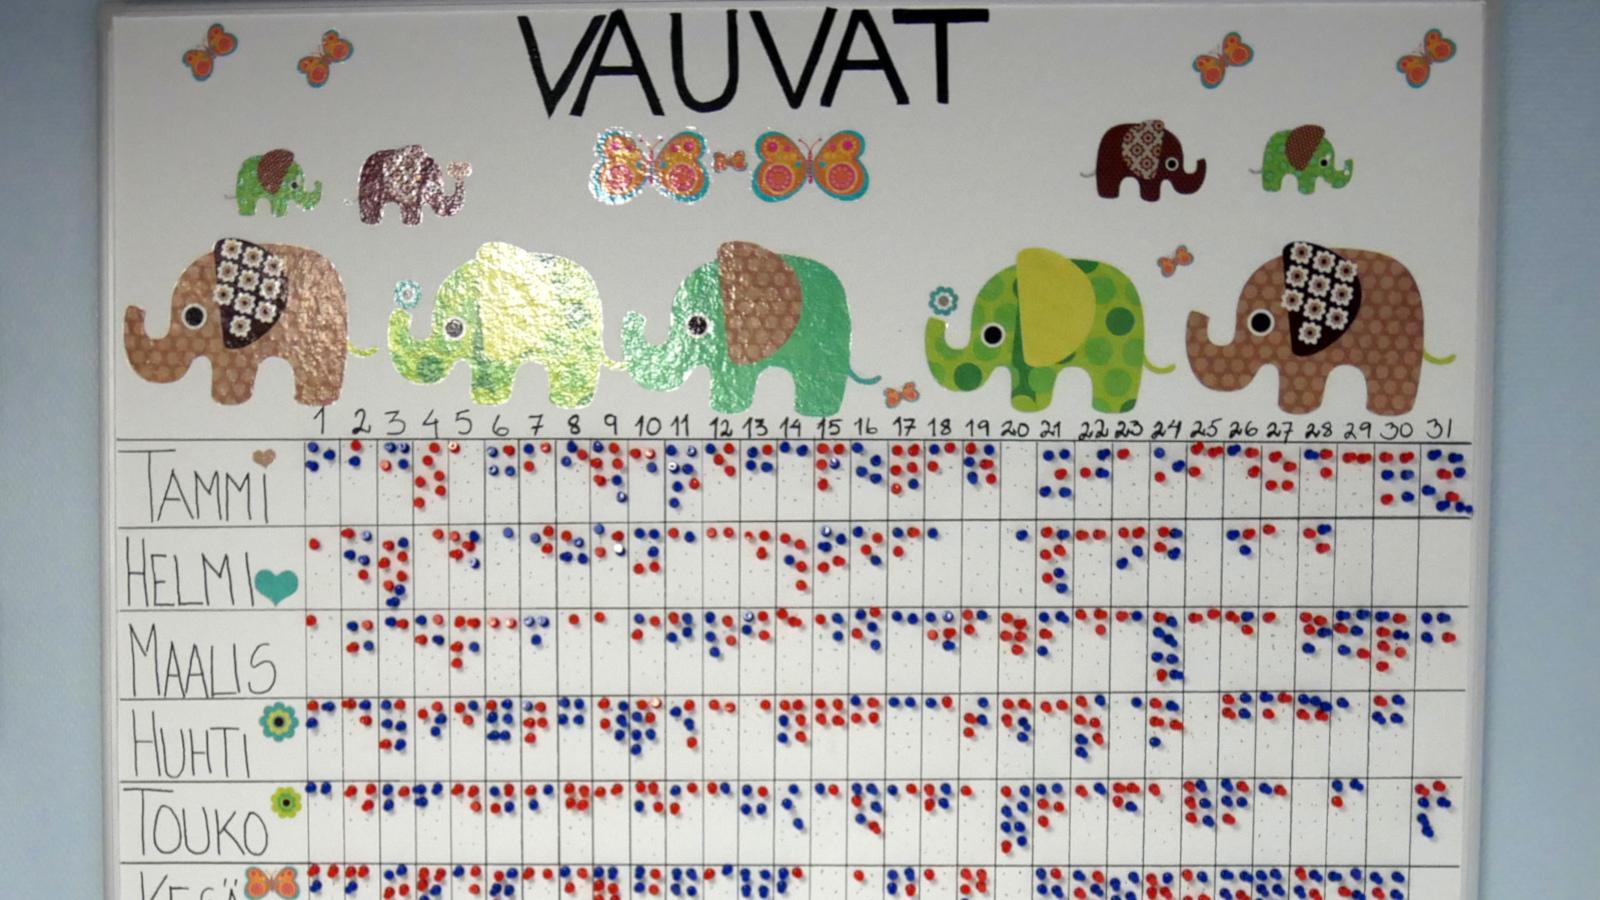 Kuvassa näkyy synnytysosaston aulassa oleva Vauvat-taulun punaiset ja siniset merkit, eli tyttö- ja poikavauvojen syntyvyys